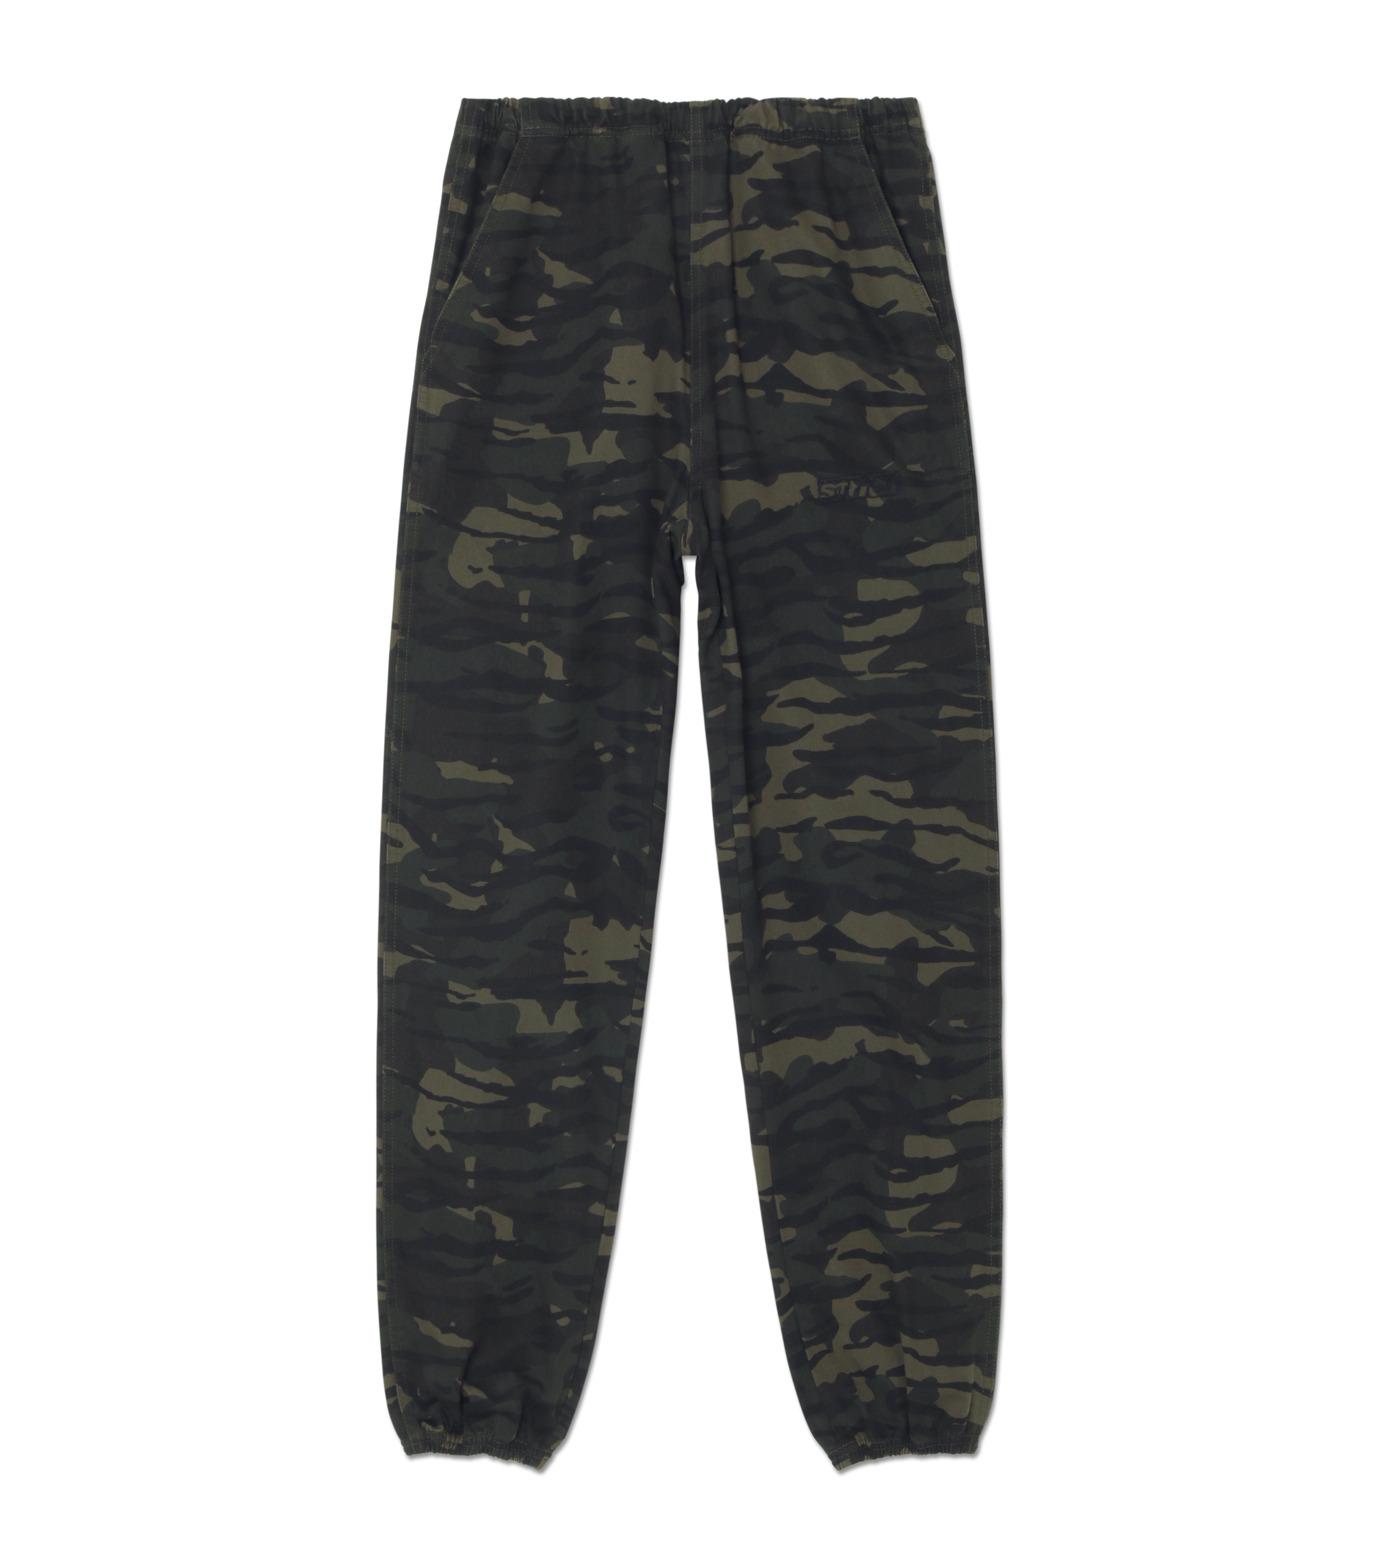 Alexander Wang(アレキサンダーワン)のCamoflage Pants-KHAKI-603017F16-24 拡大詳細画像1